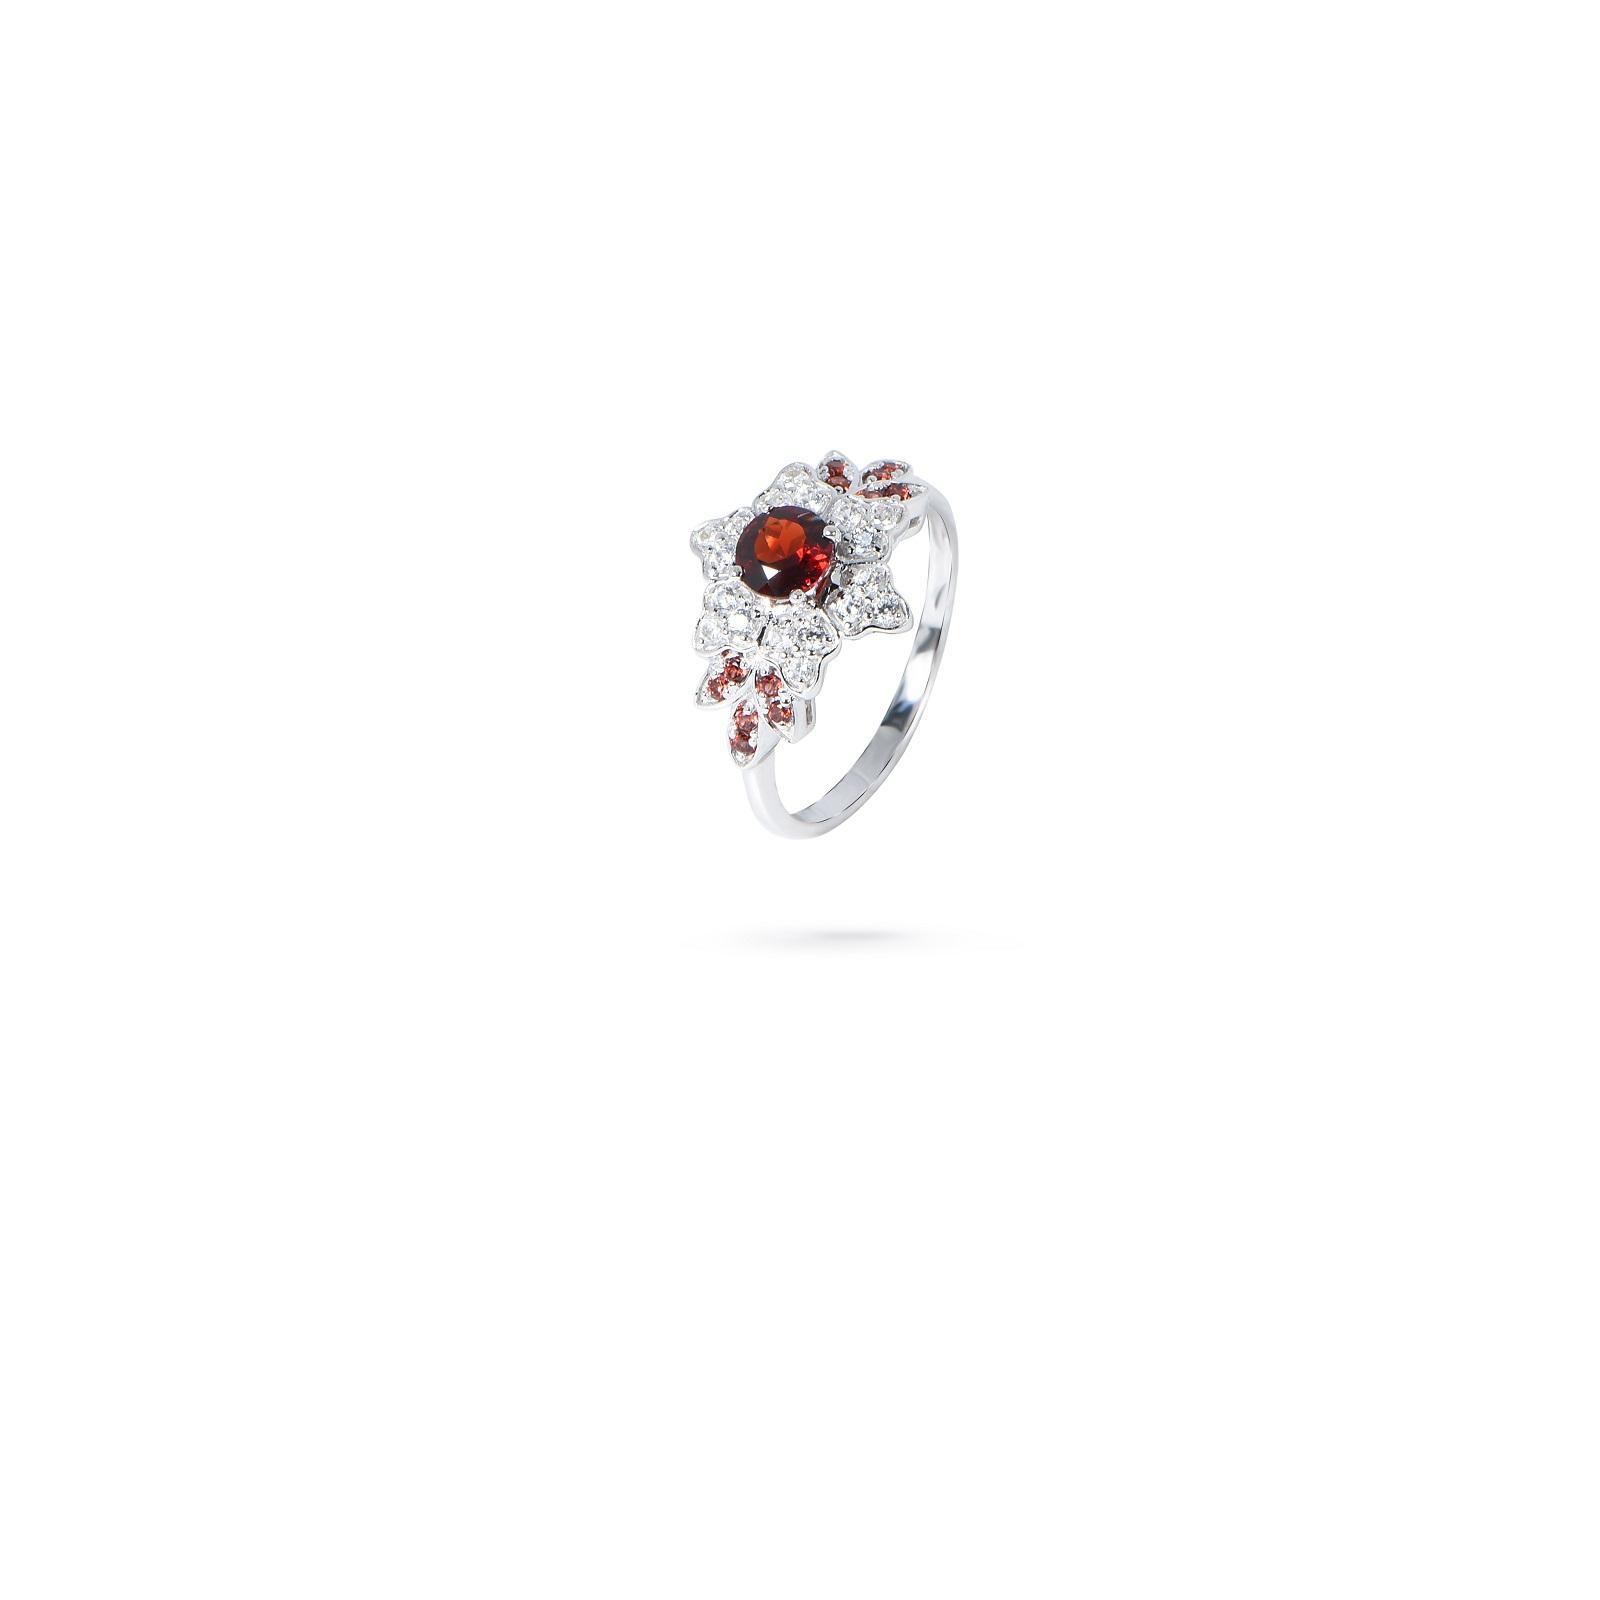 Nhẫn đá Garnet 20N027.2TI